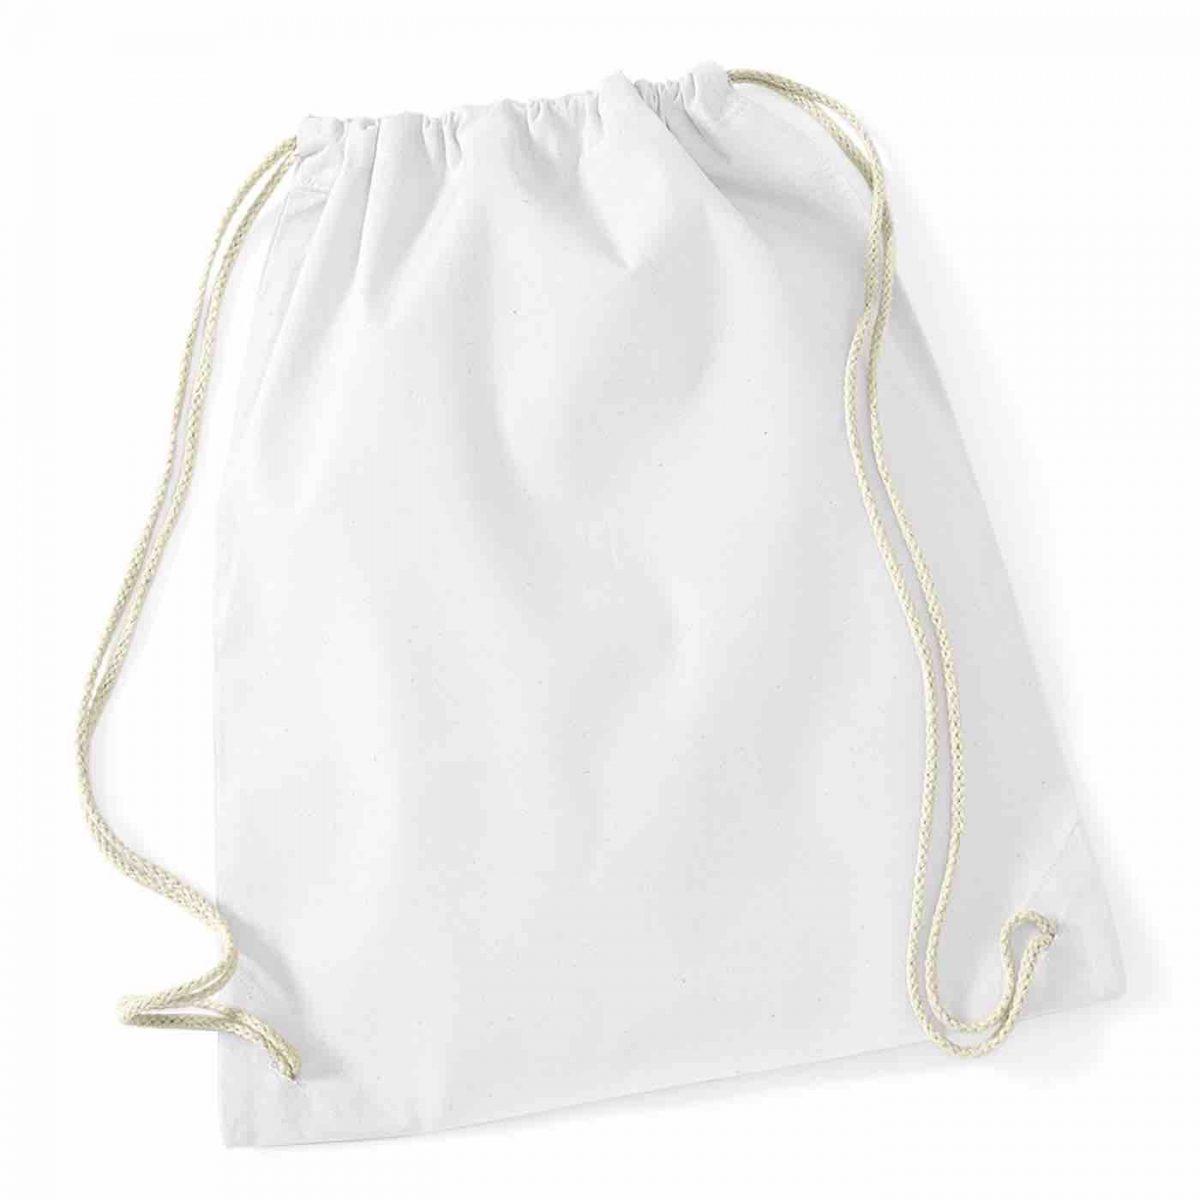 White Cotton Tote Bag